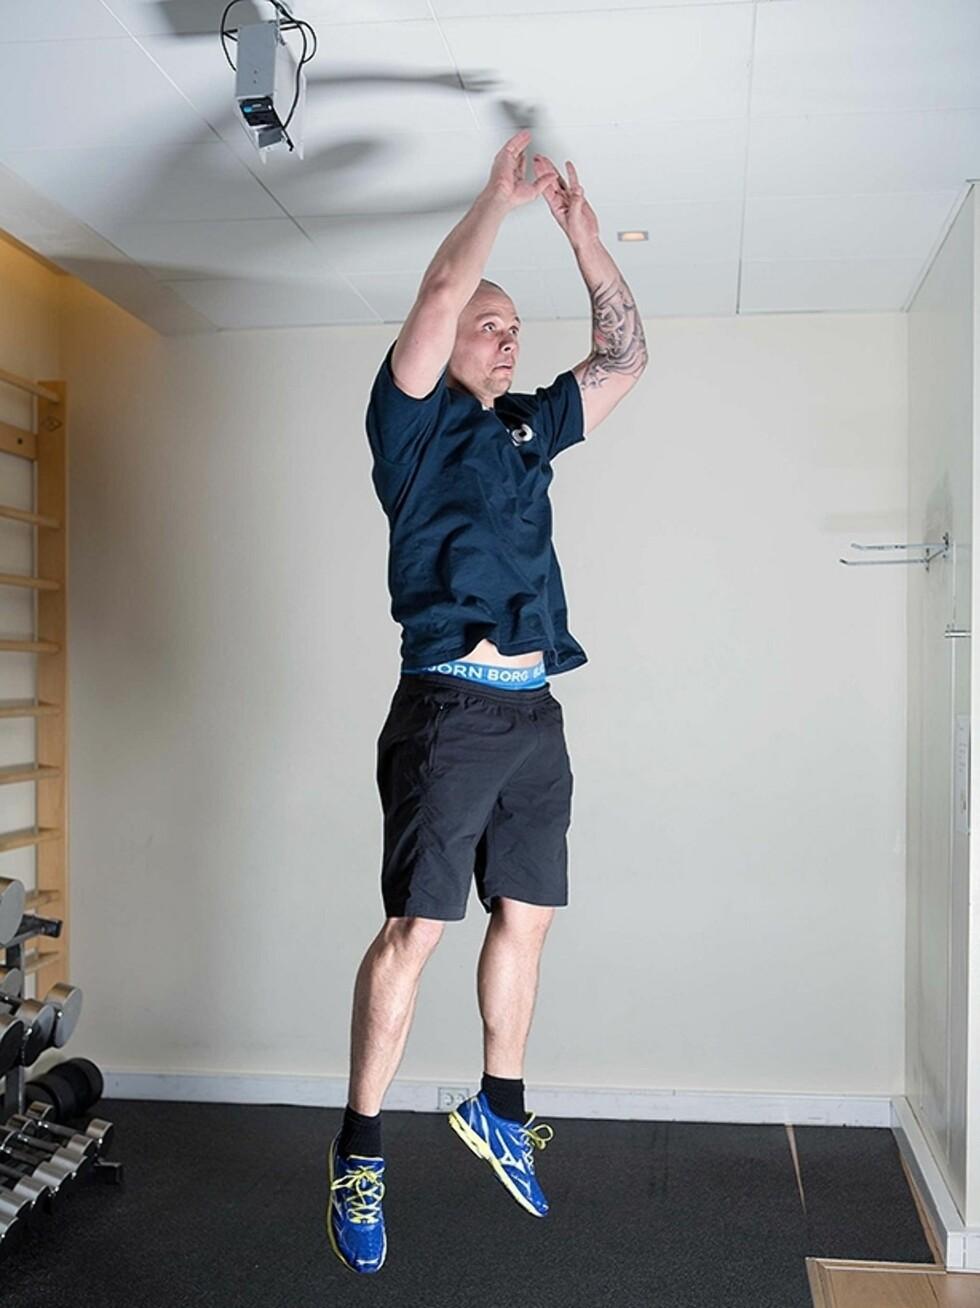 Hopp rett opp med armene over hodet (foto: Øyvind Heia).